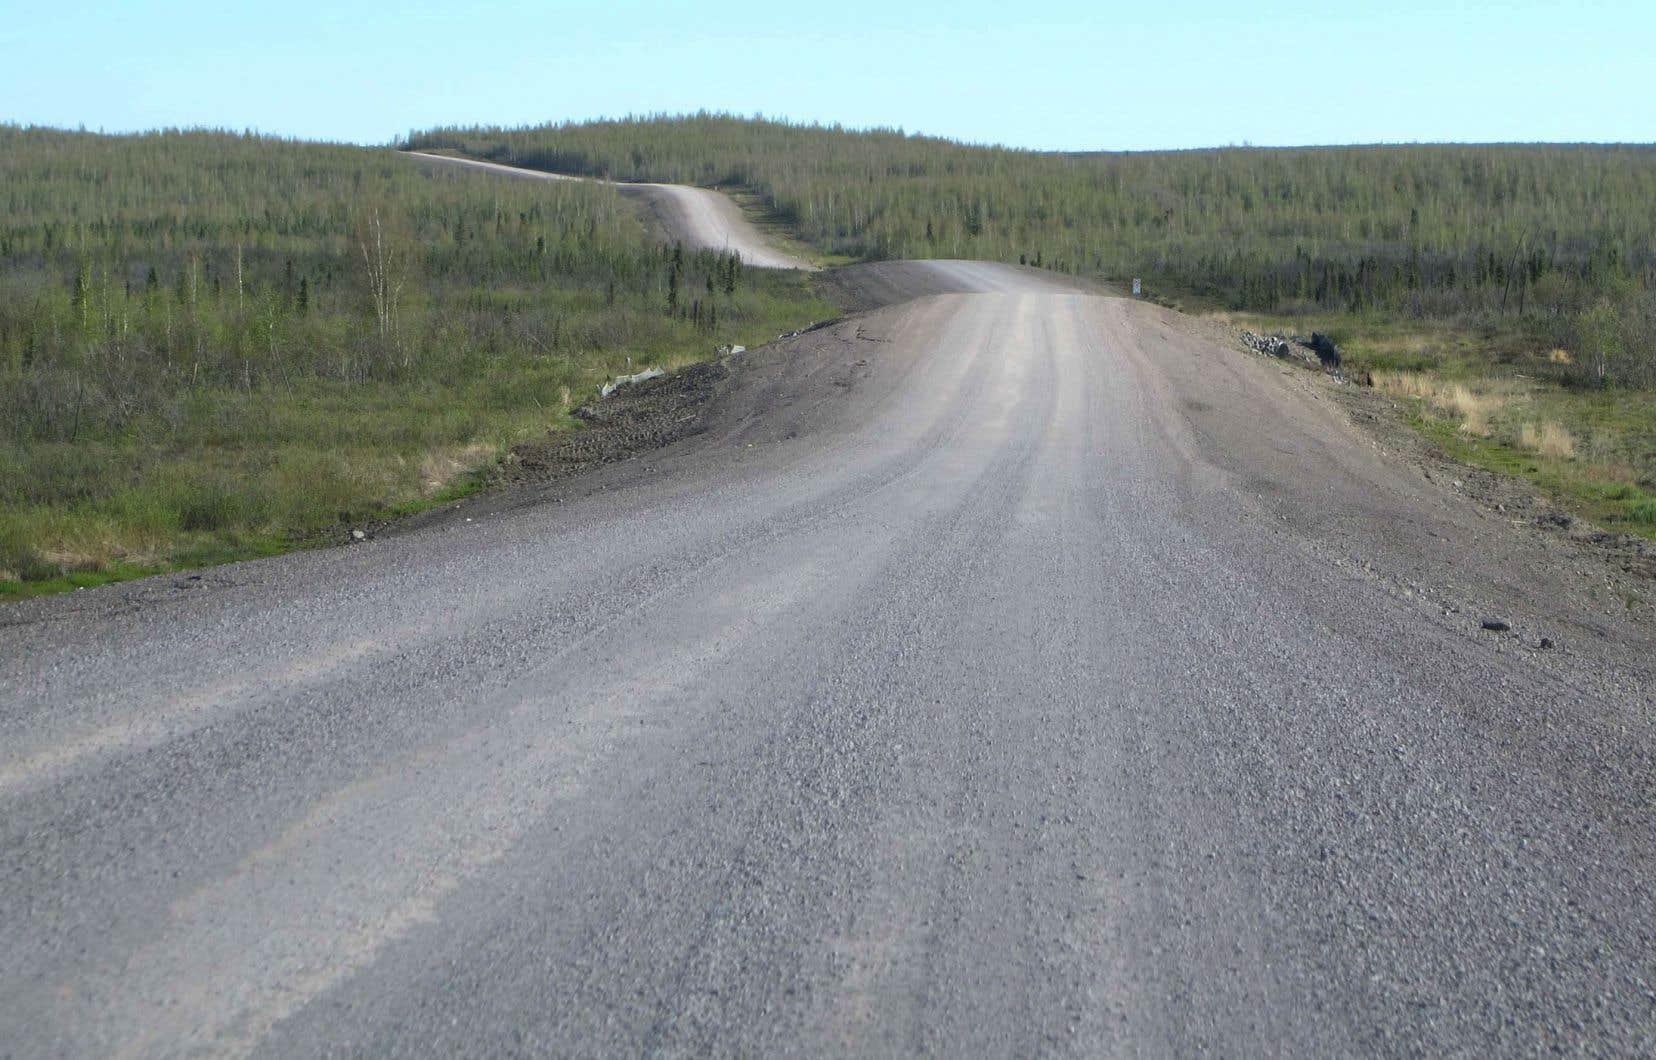 L'autoroute Inuvik-Tuktoyaktuk est une longue voie de gravier sinueuse à travers la toundra.